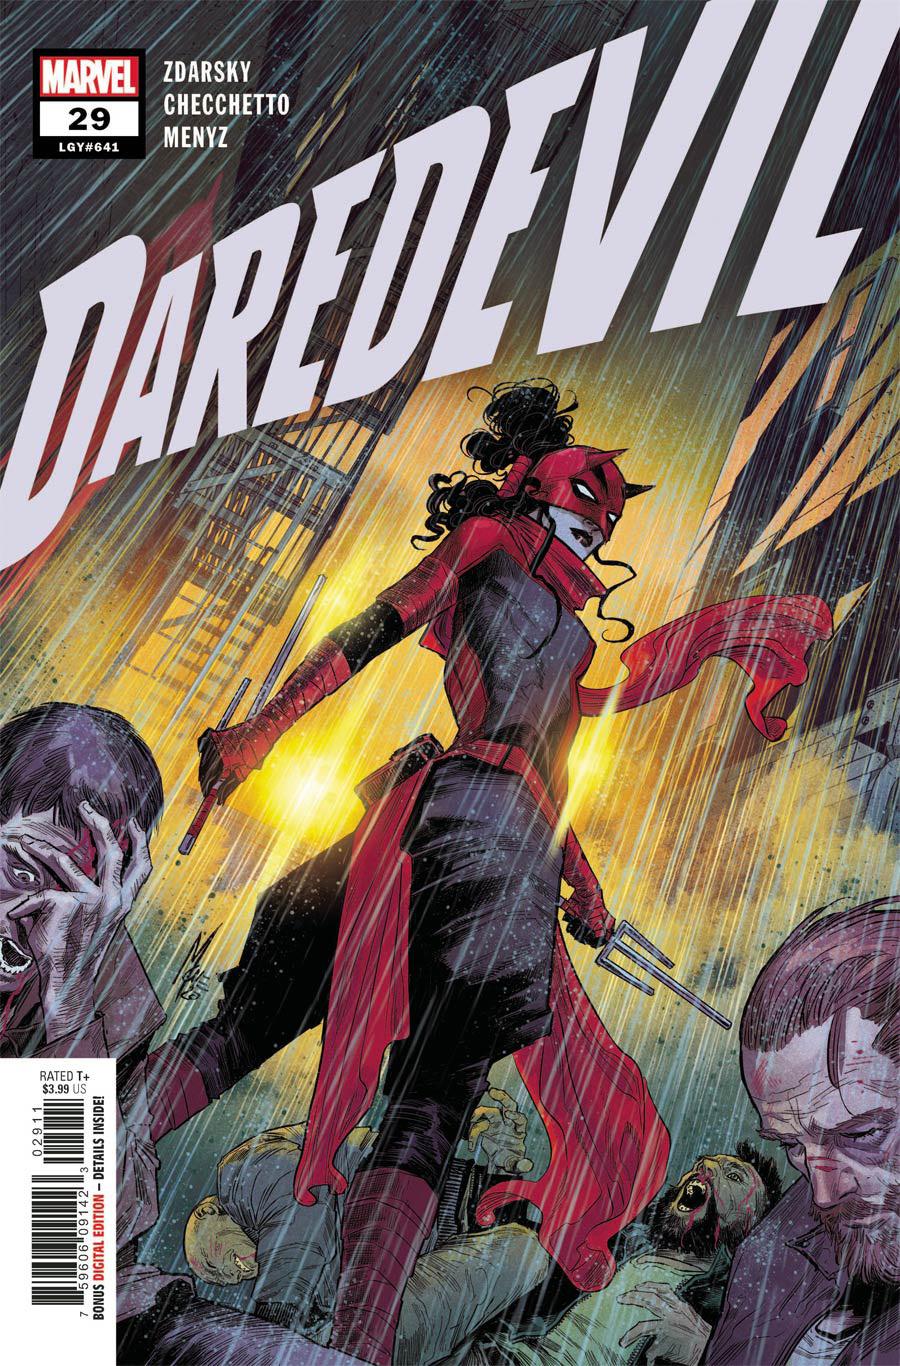 Daredevil Vol 6 #29 Cover A Regular Marco Checchetto Cover